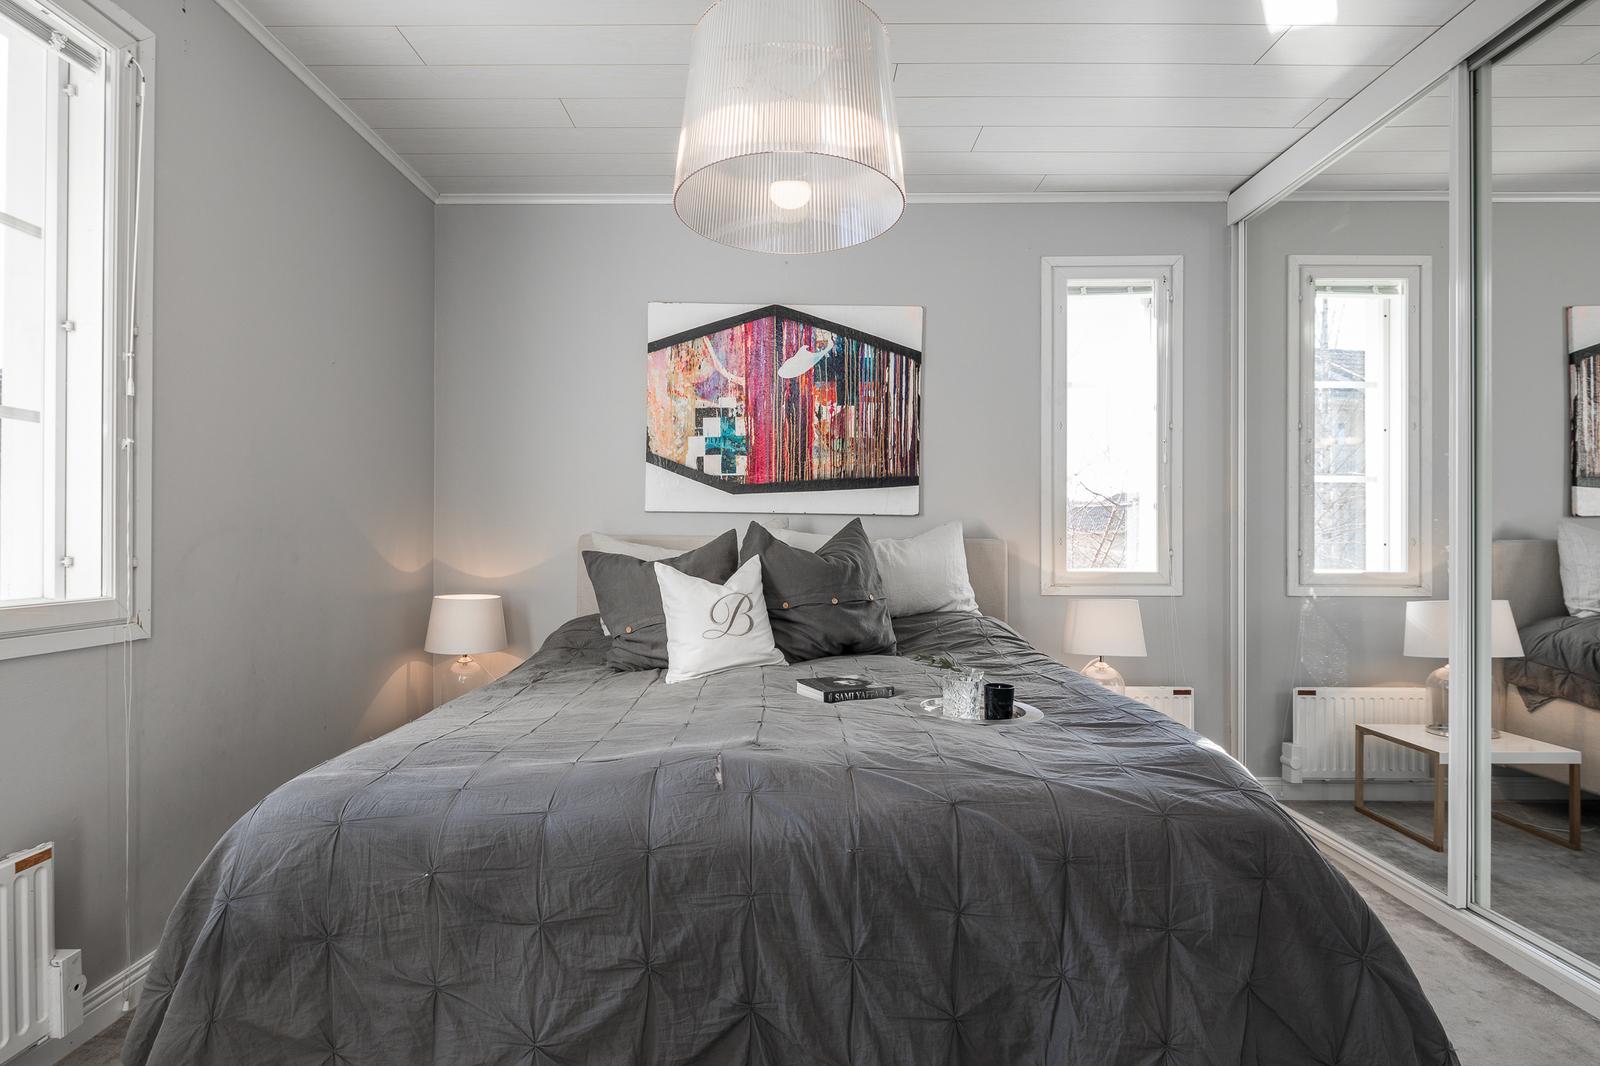 moderni sisustus makuuhuoneessa